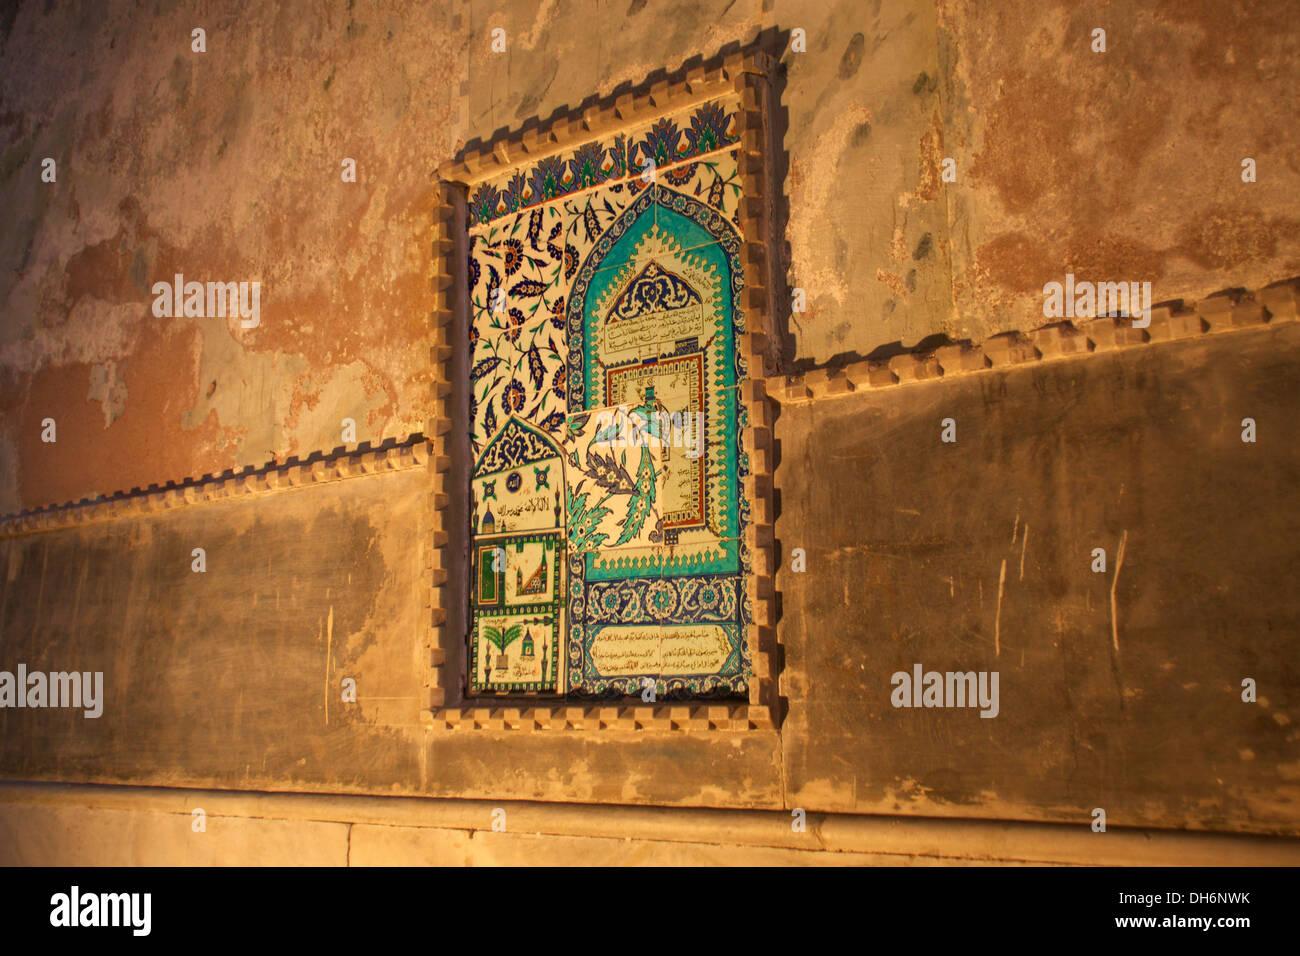 Pannello di piastrelle raffigurazione della sacra kaaba della